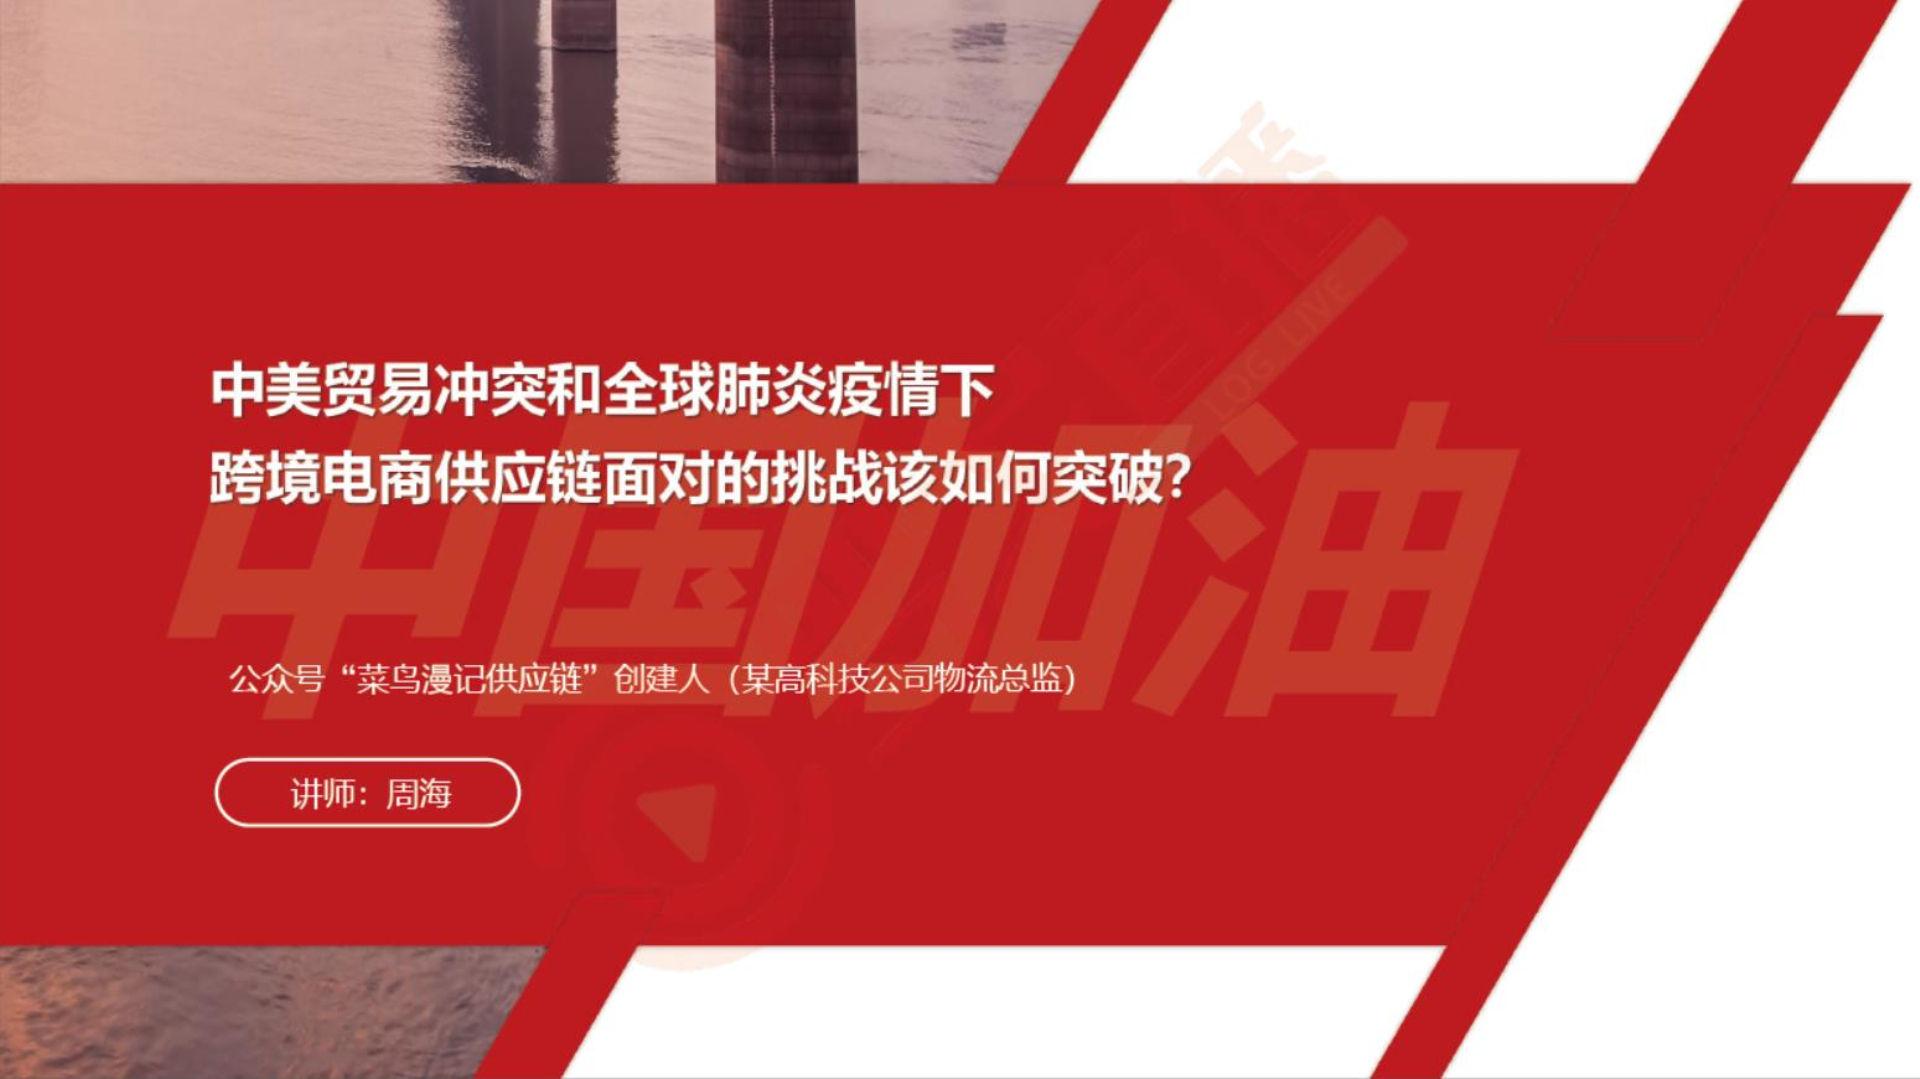 周海:跨境电商供应链面对的调整该如何突破?(附下载)